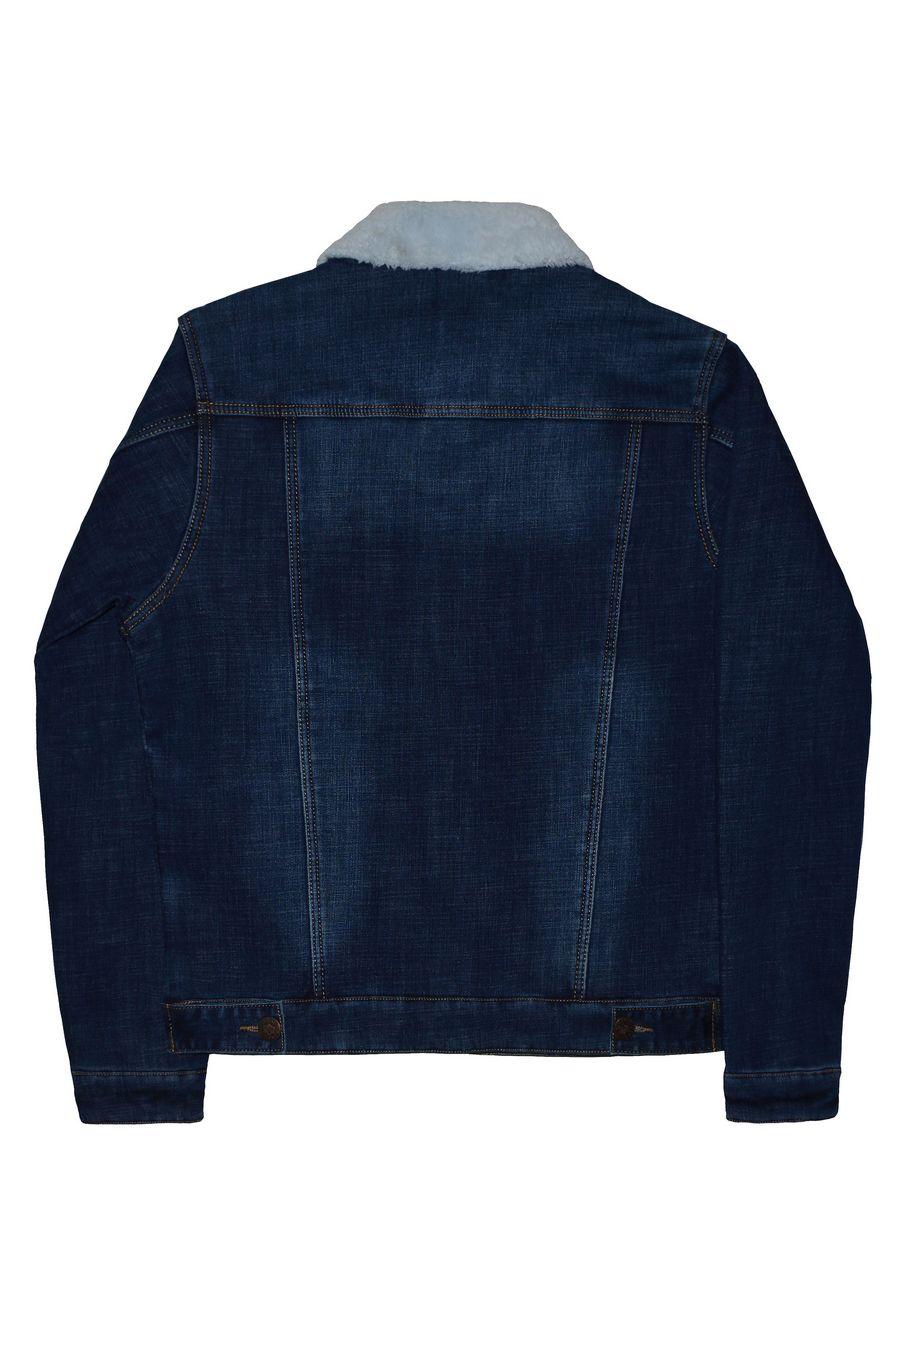 Куртка мужская Hopeai T582 утепленная - фото 2